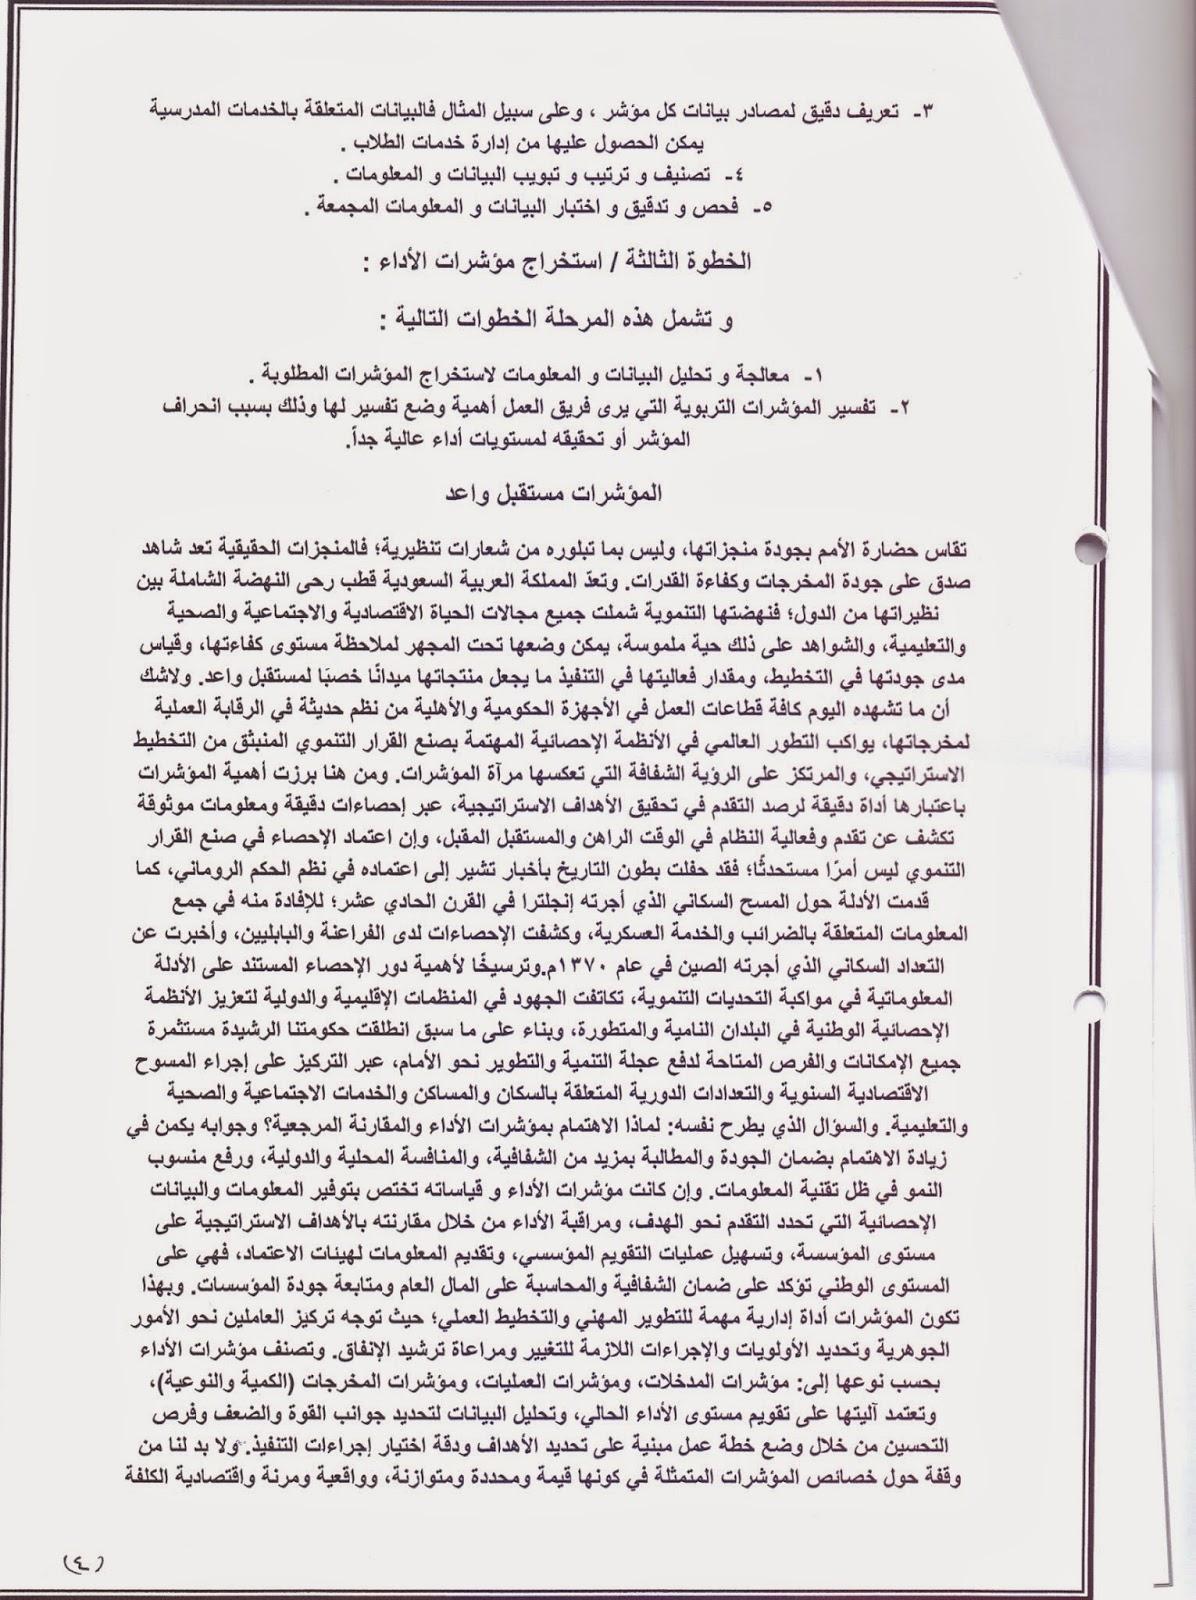 مشرفة الأمانة حمده محمد العمري نشرة مقدمة من مشرفة الامانة عن مؤشرات الاداء